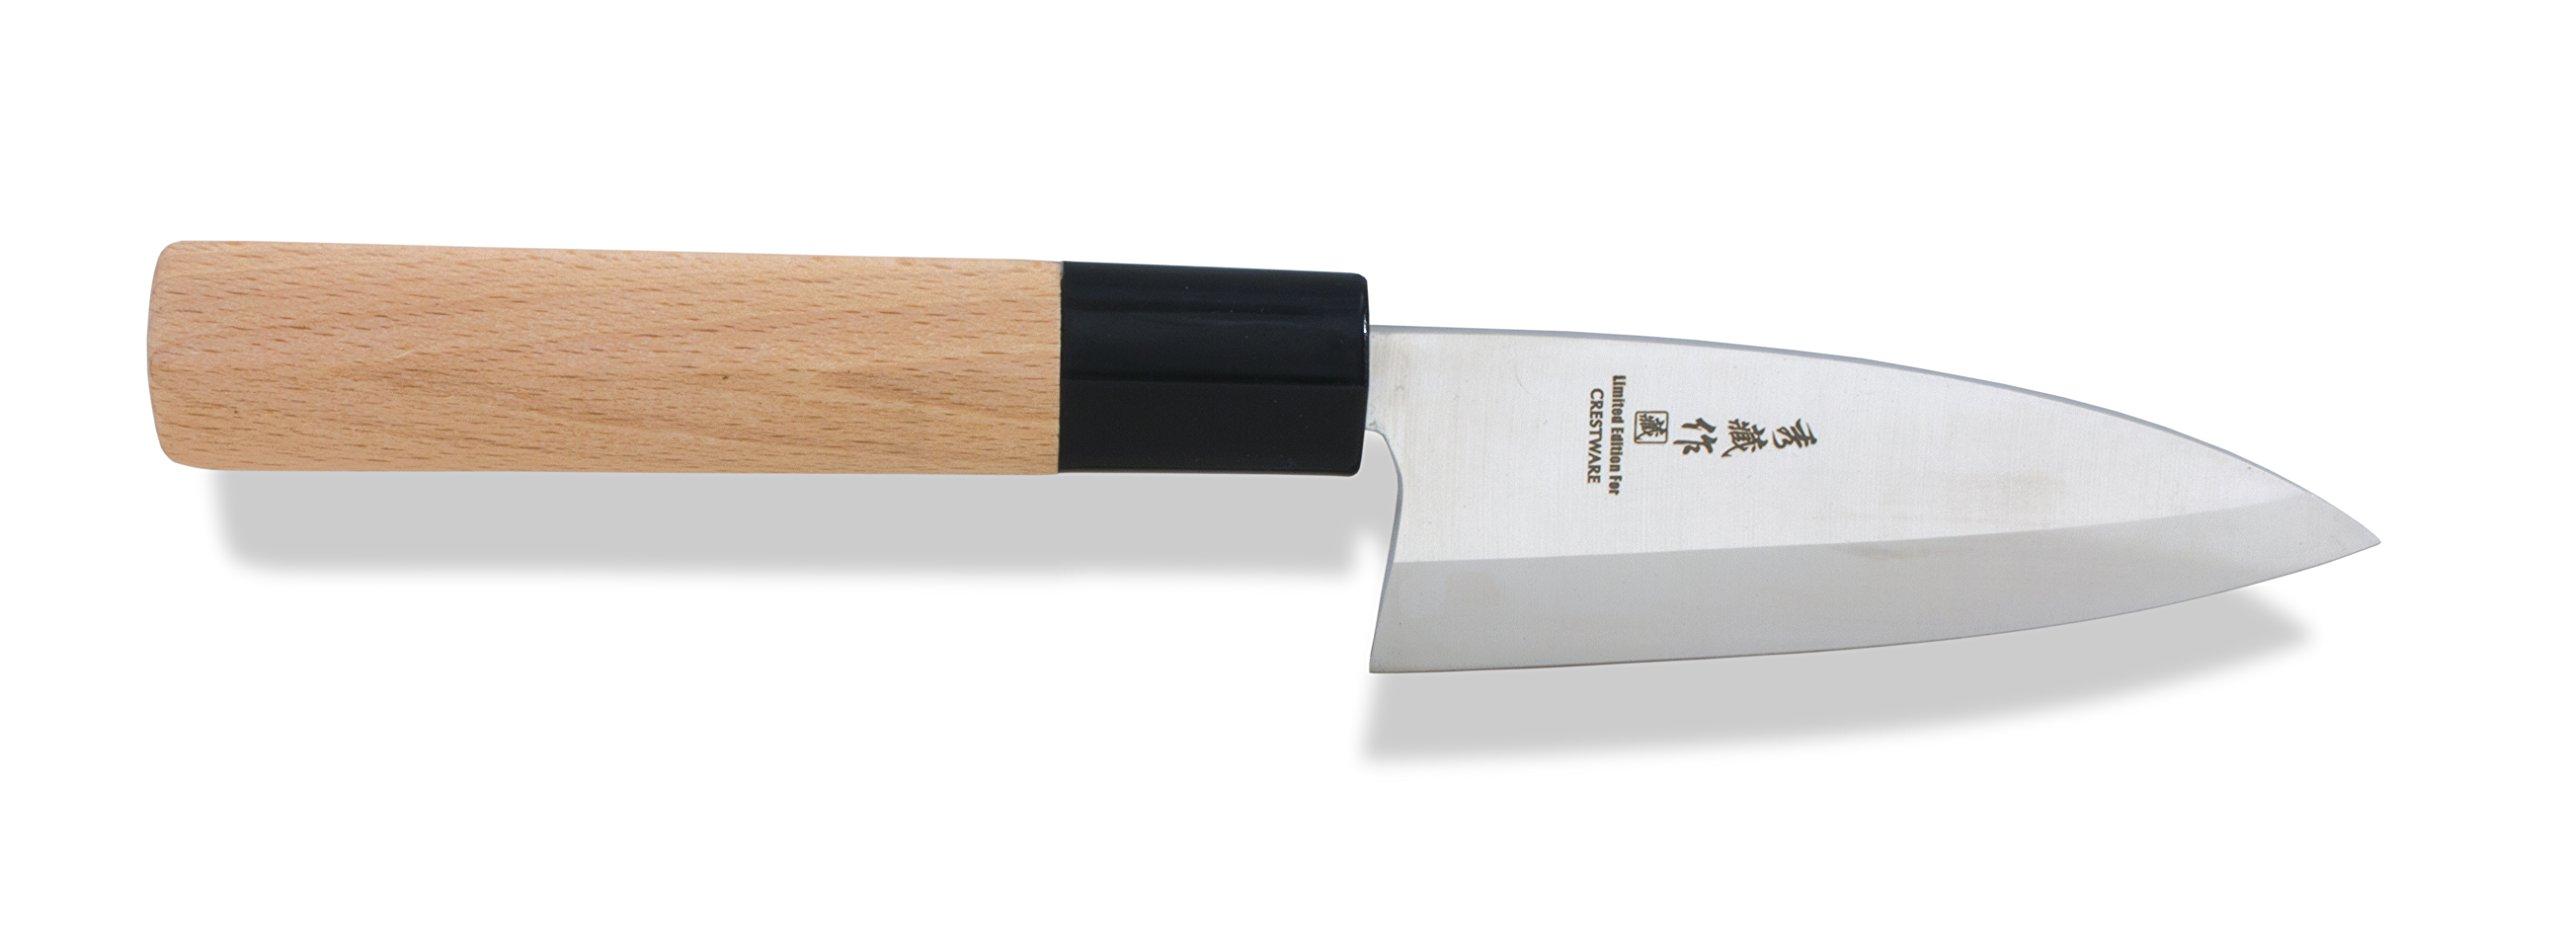 Crestware KN310 Deba Knife, 5'', Silver